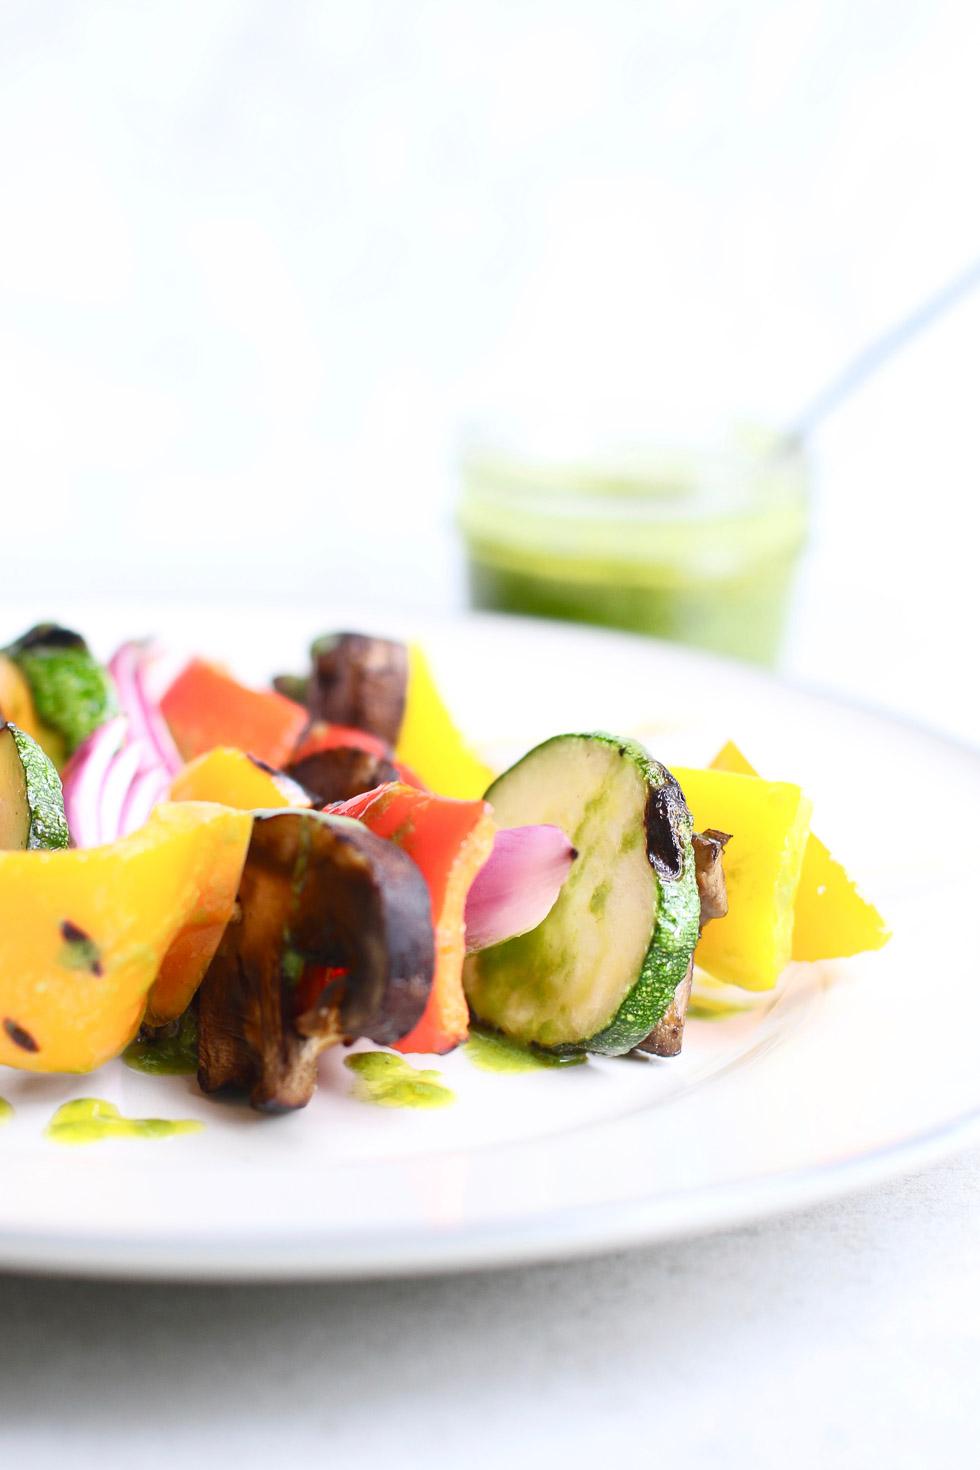 Grilled Summer Vegetables with Basil Vinaigrette